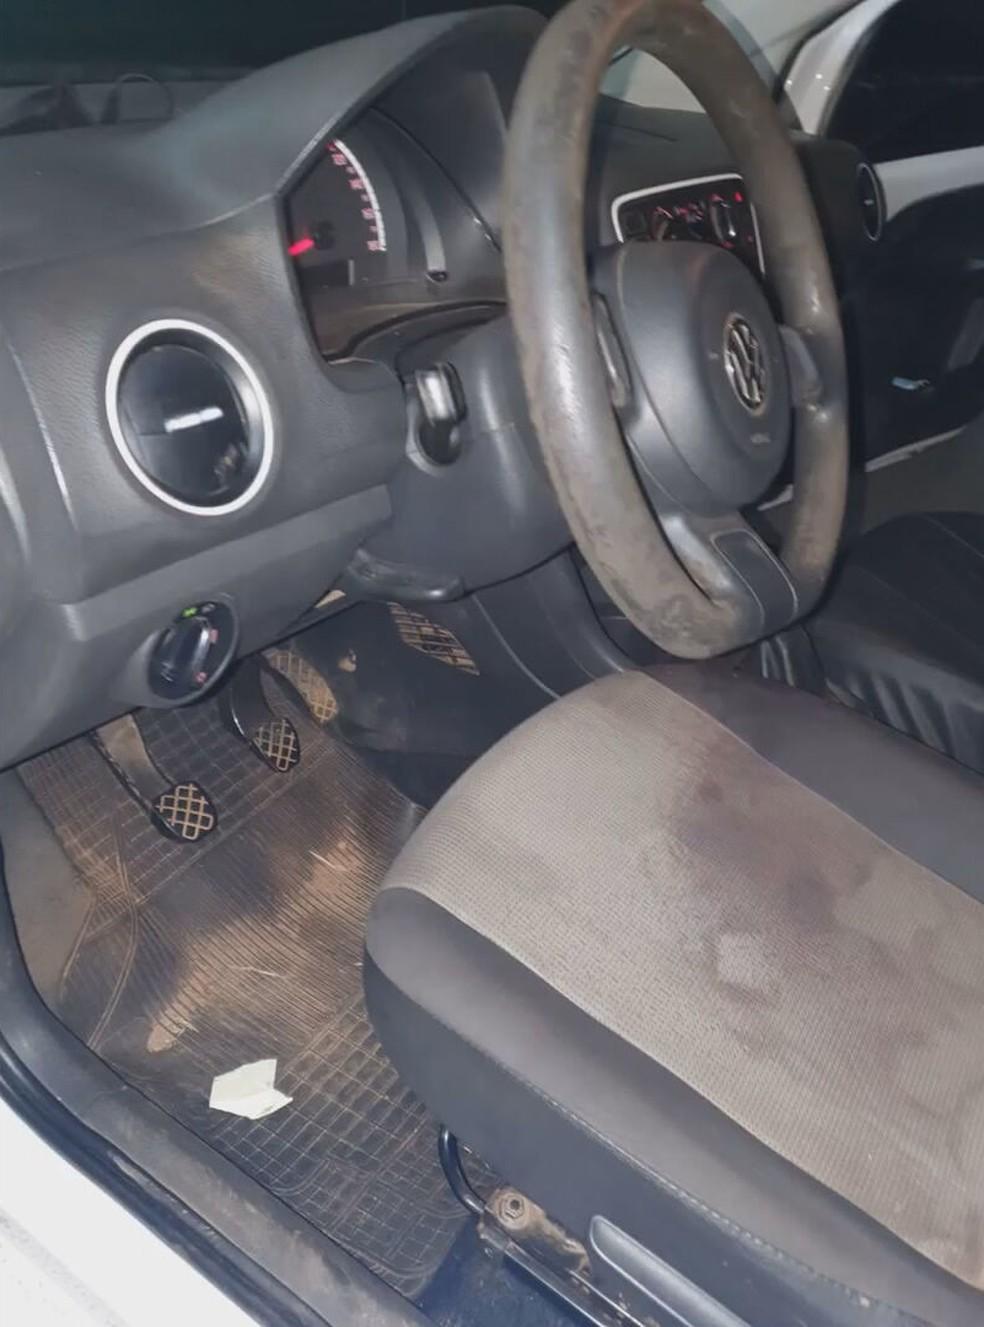 Carro onde homens foram encontrados baleados no DF — Foto: Reprodução